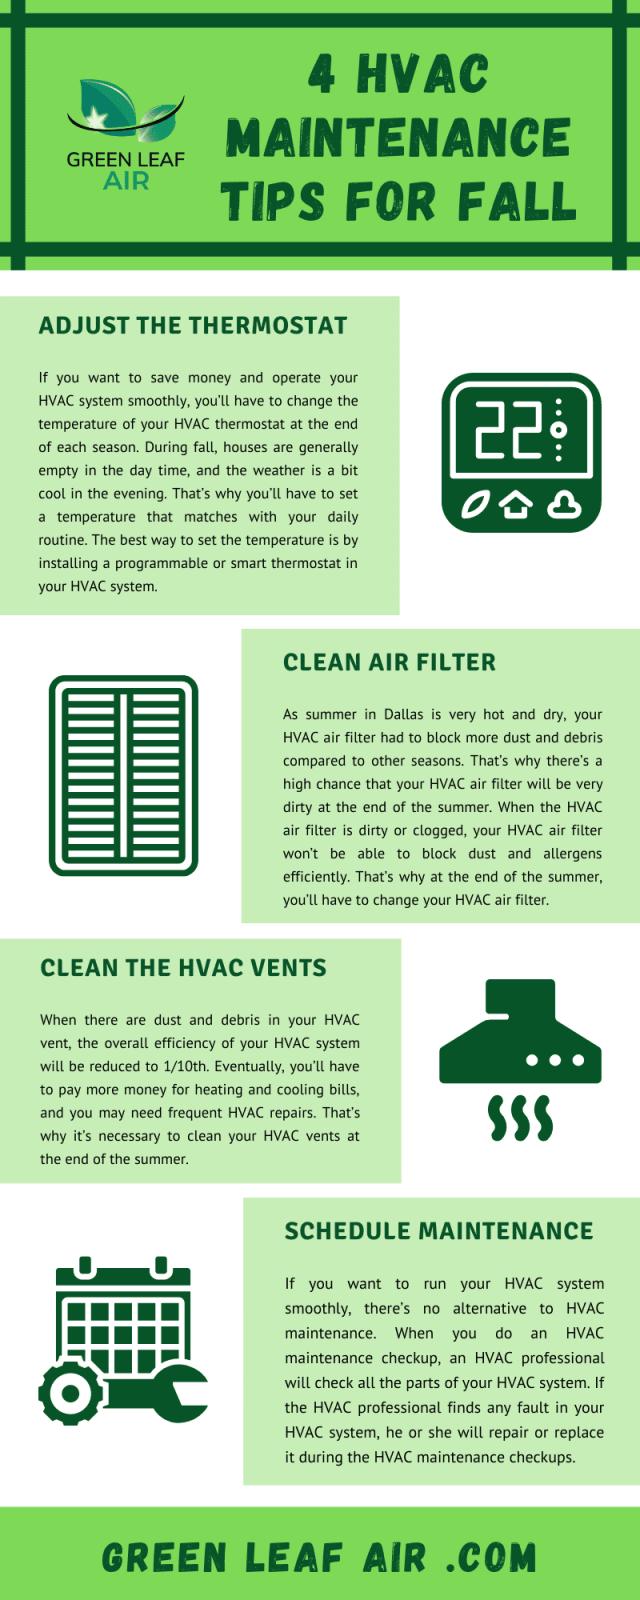 4 HVAC Maintenance Tips for Fall